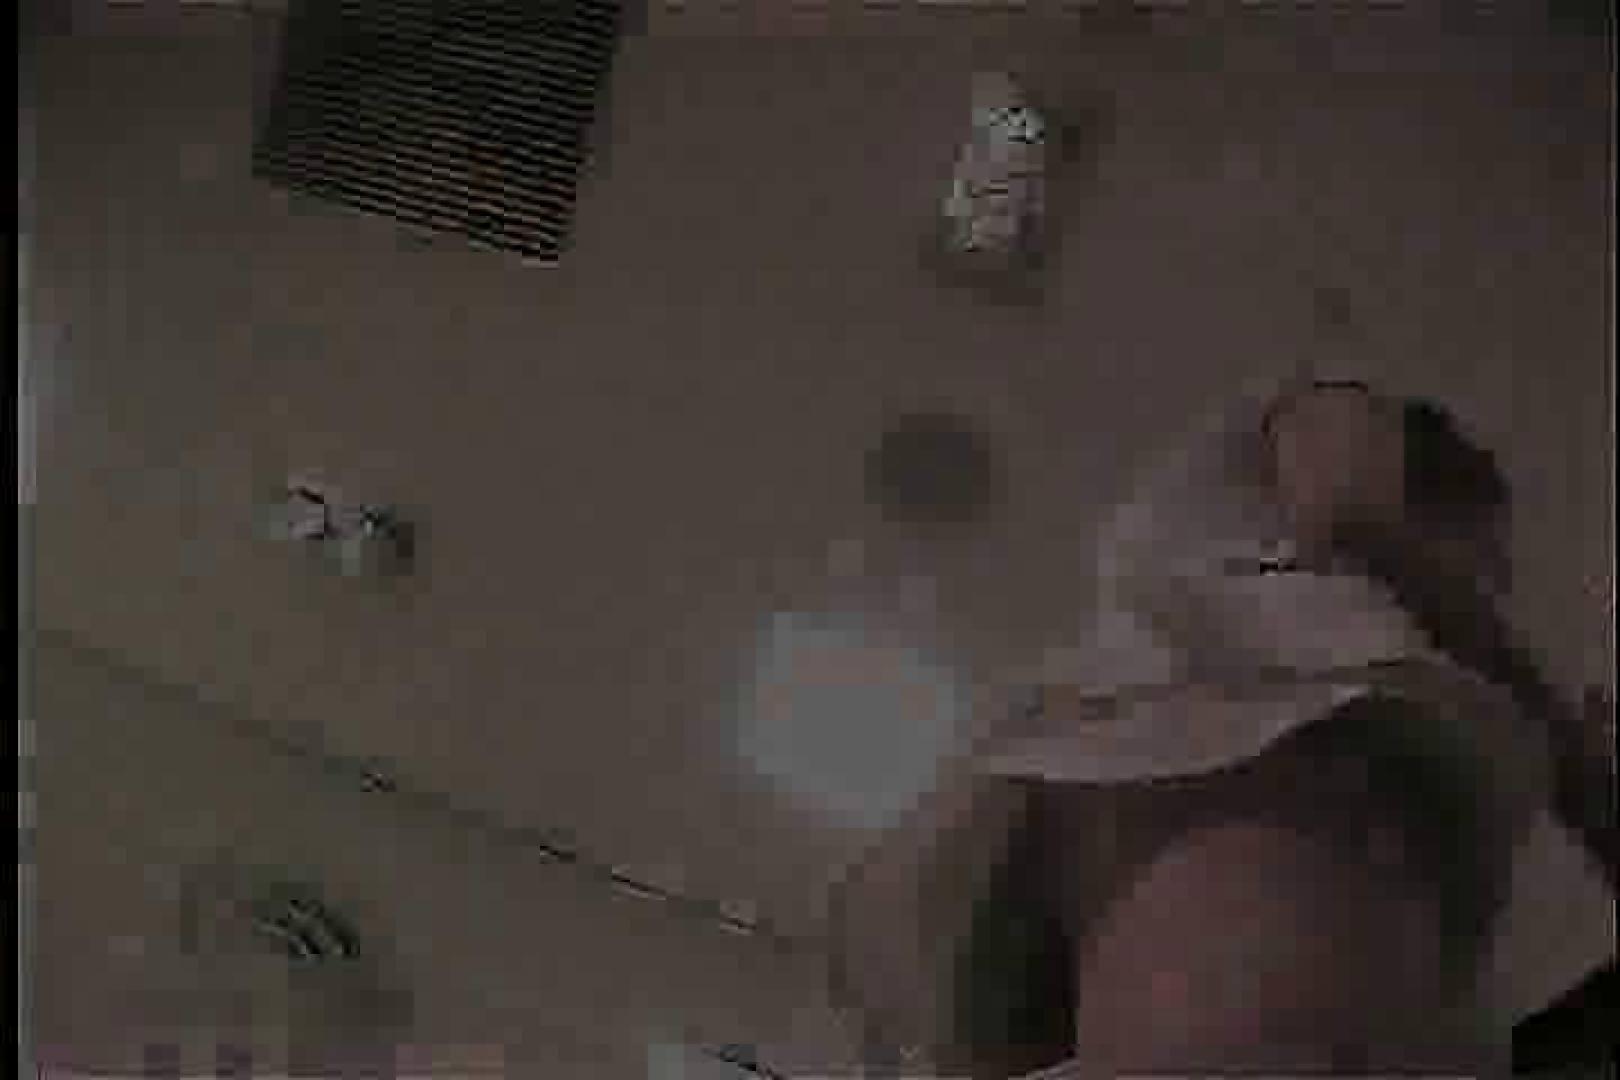 ショップ店員のパンチラアクシデント Vol.13 ミニスカート おまんこ動画流出 94pic 64